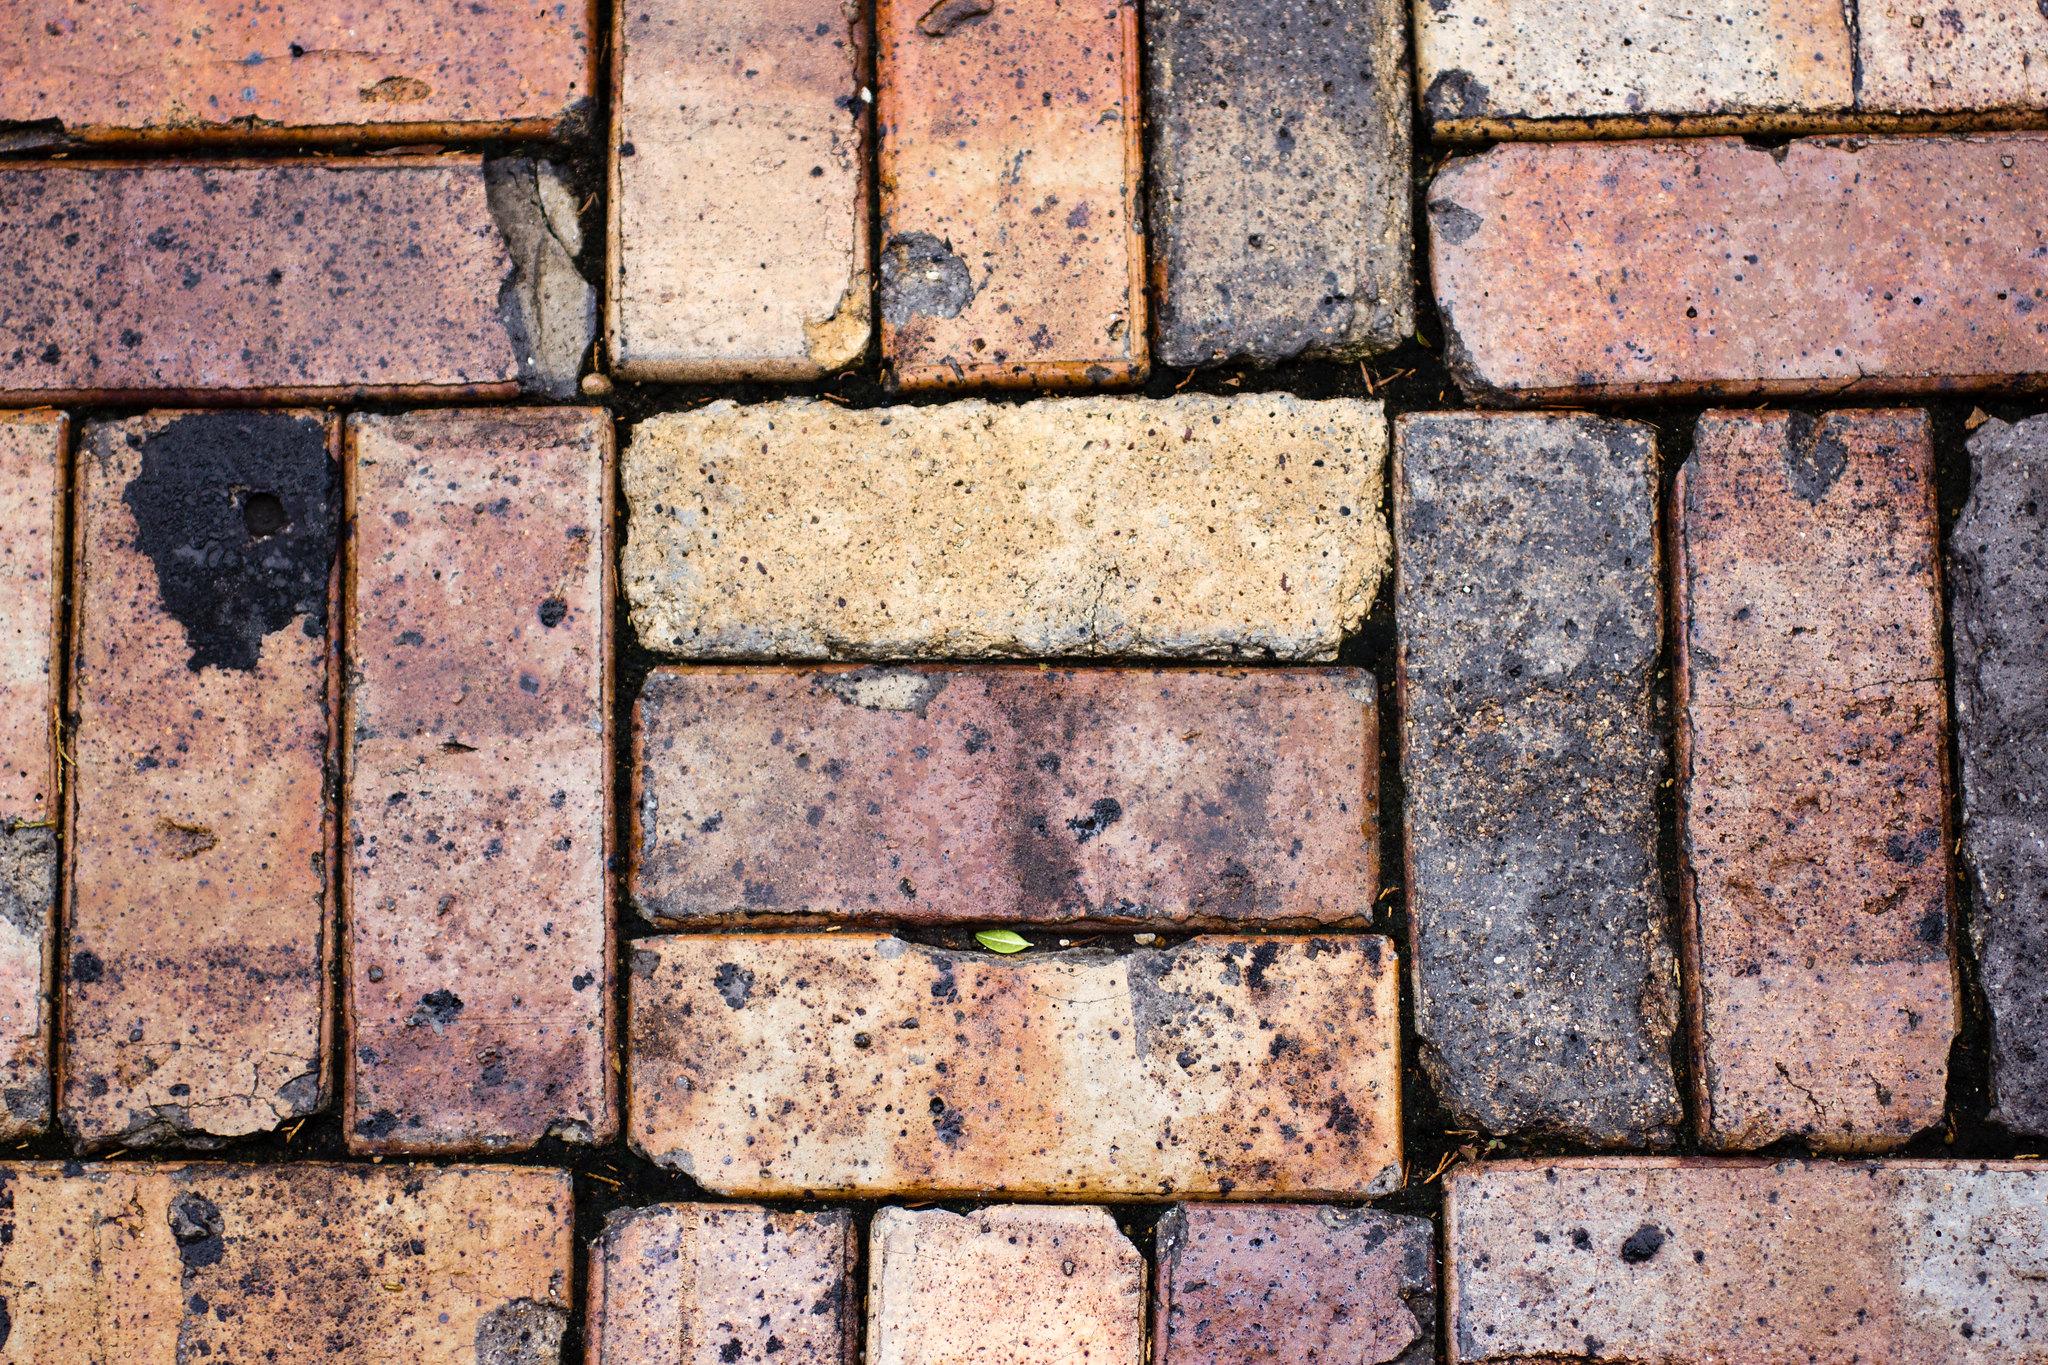 bricked pattern